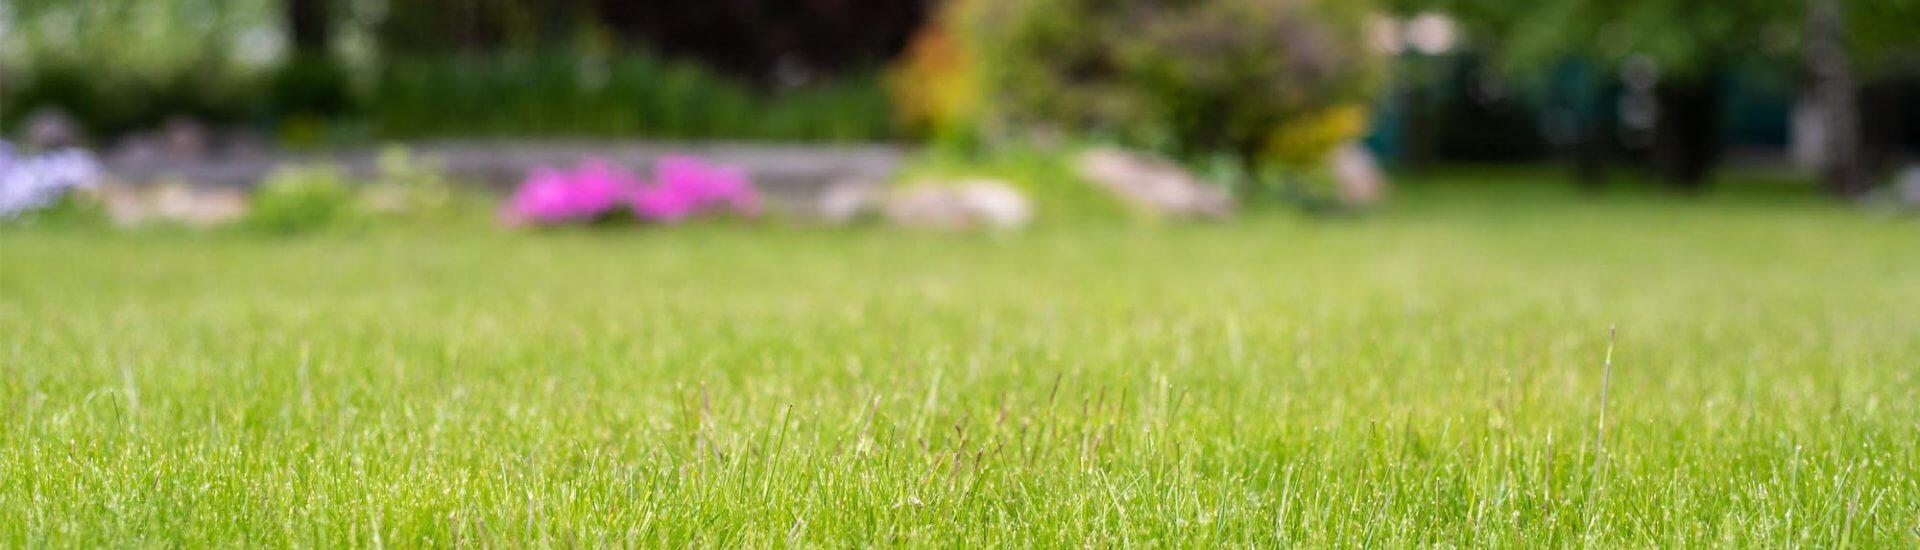 Dolmar Rasenmäher: Vergleich, Empfehlung & vieles mehr